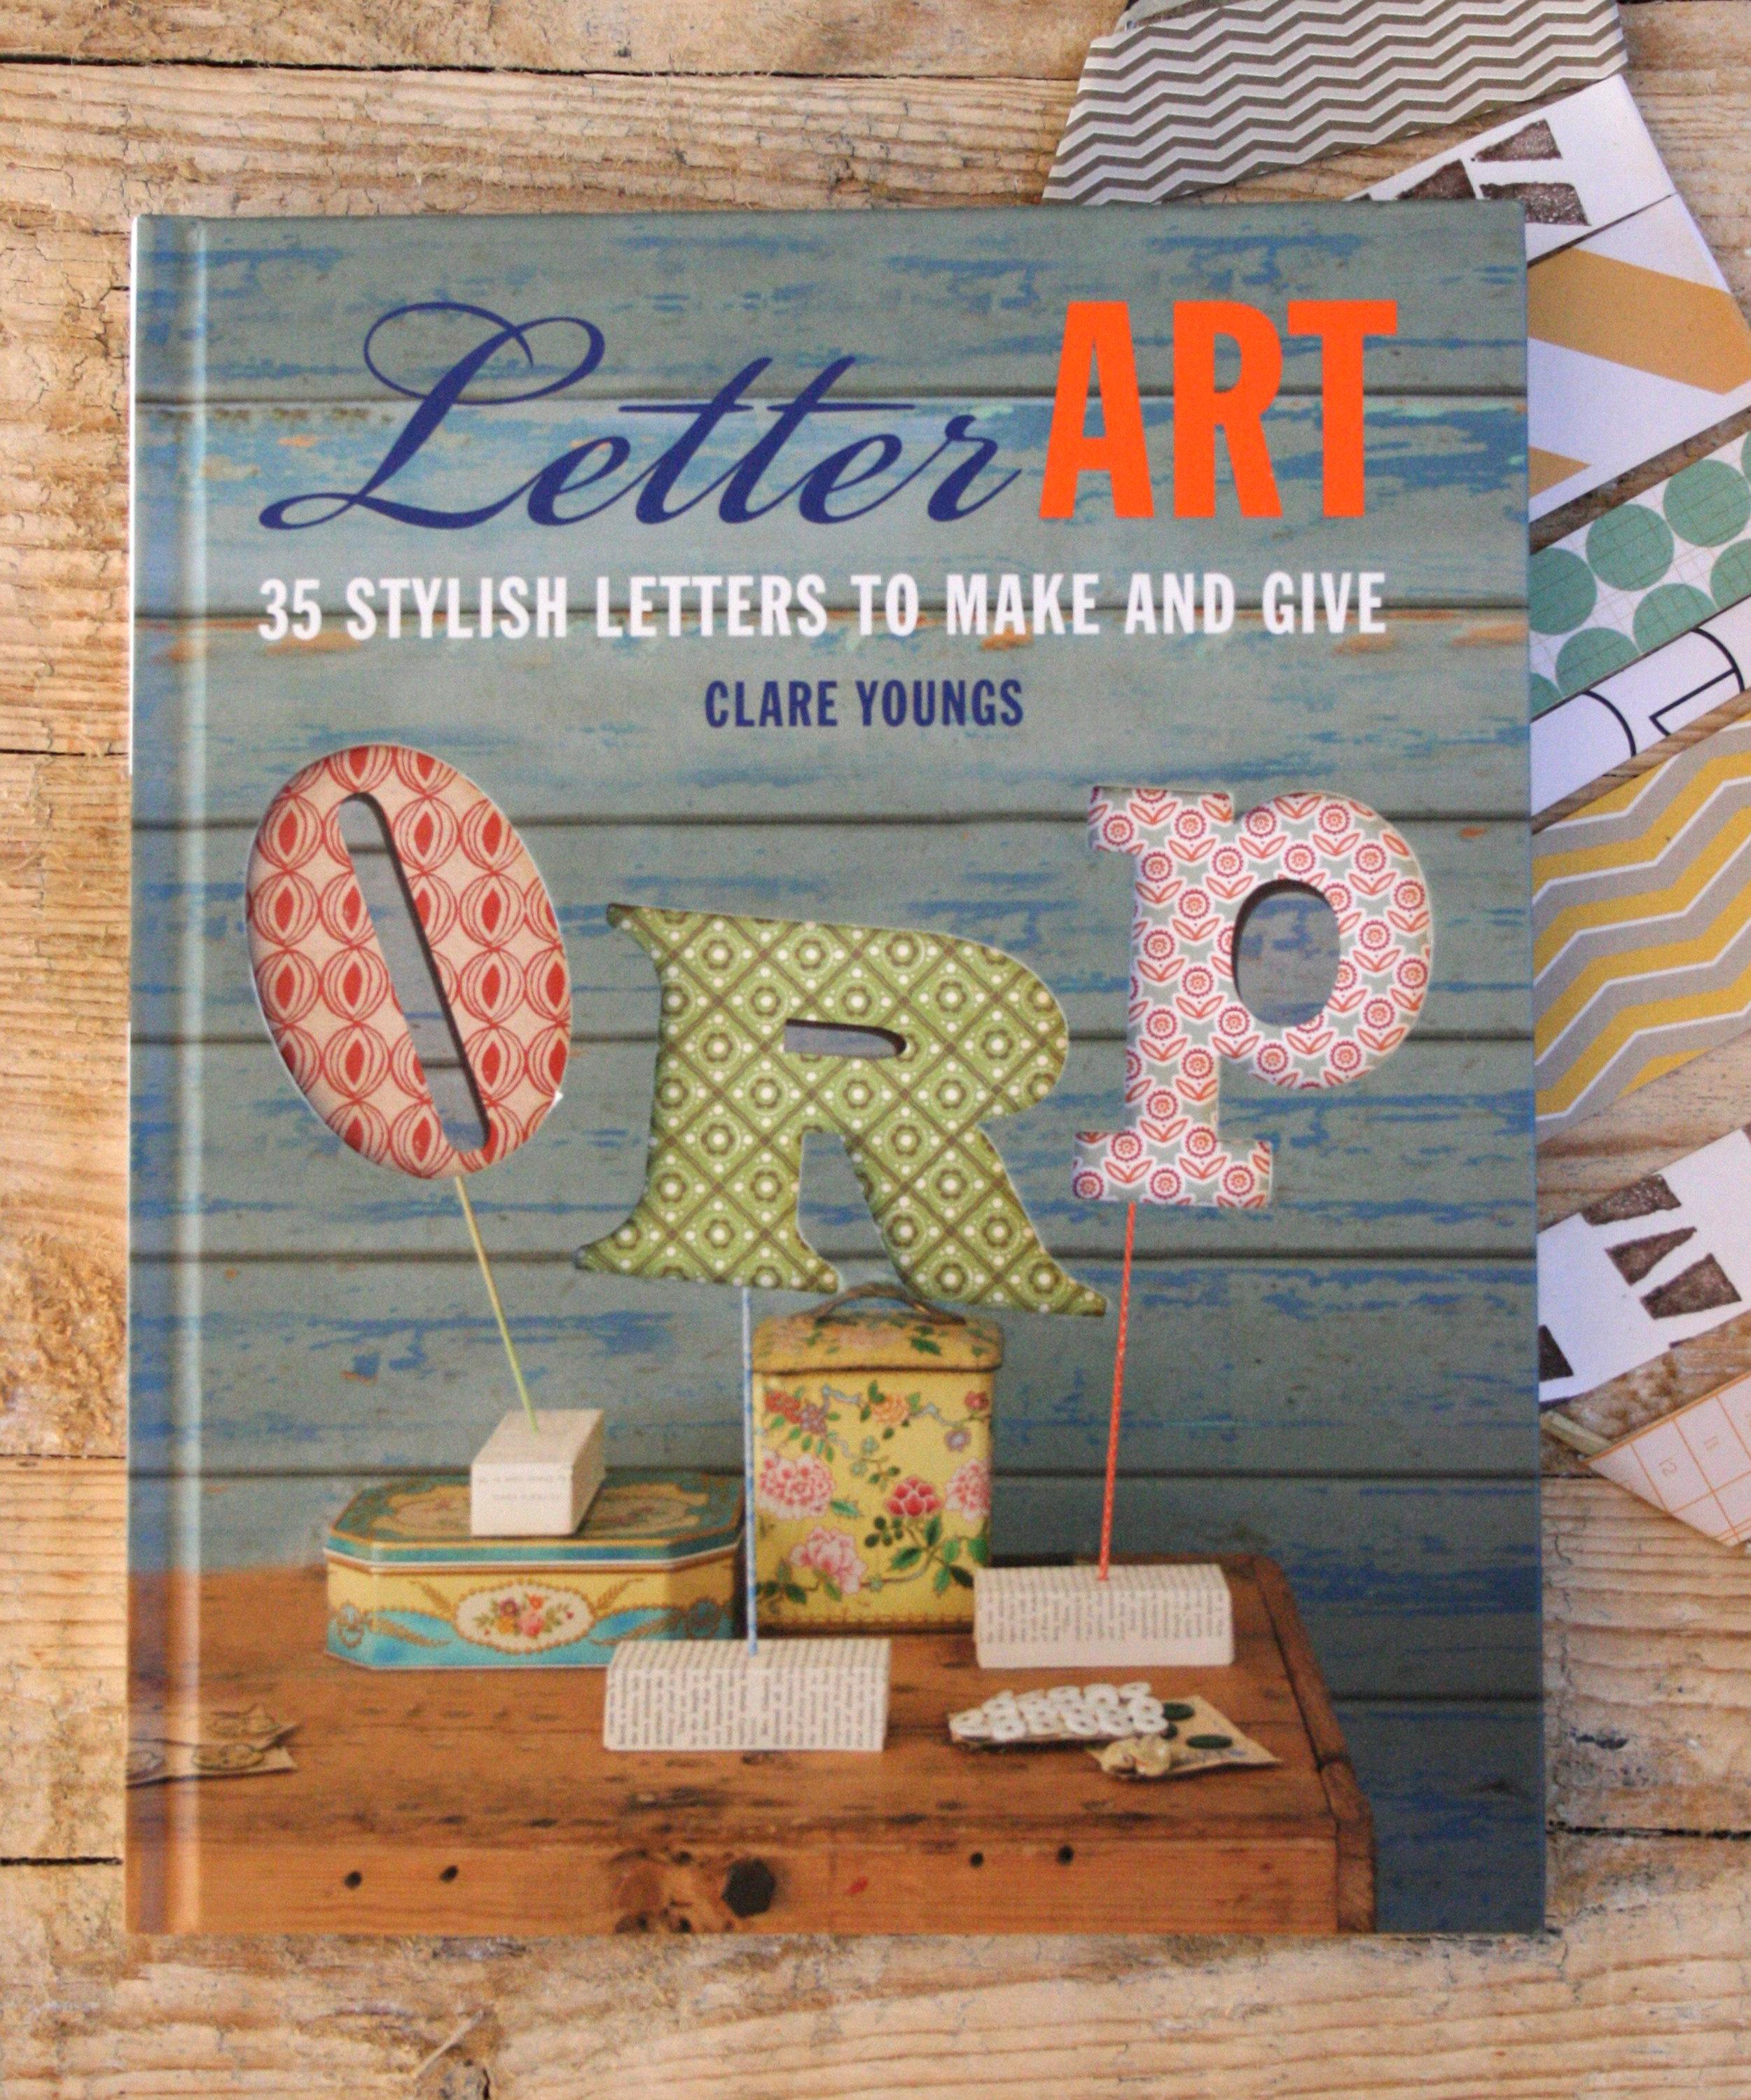 letter art book cover.jpg